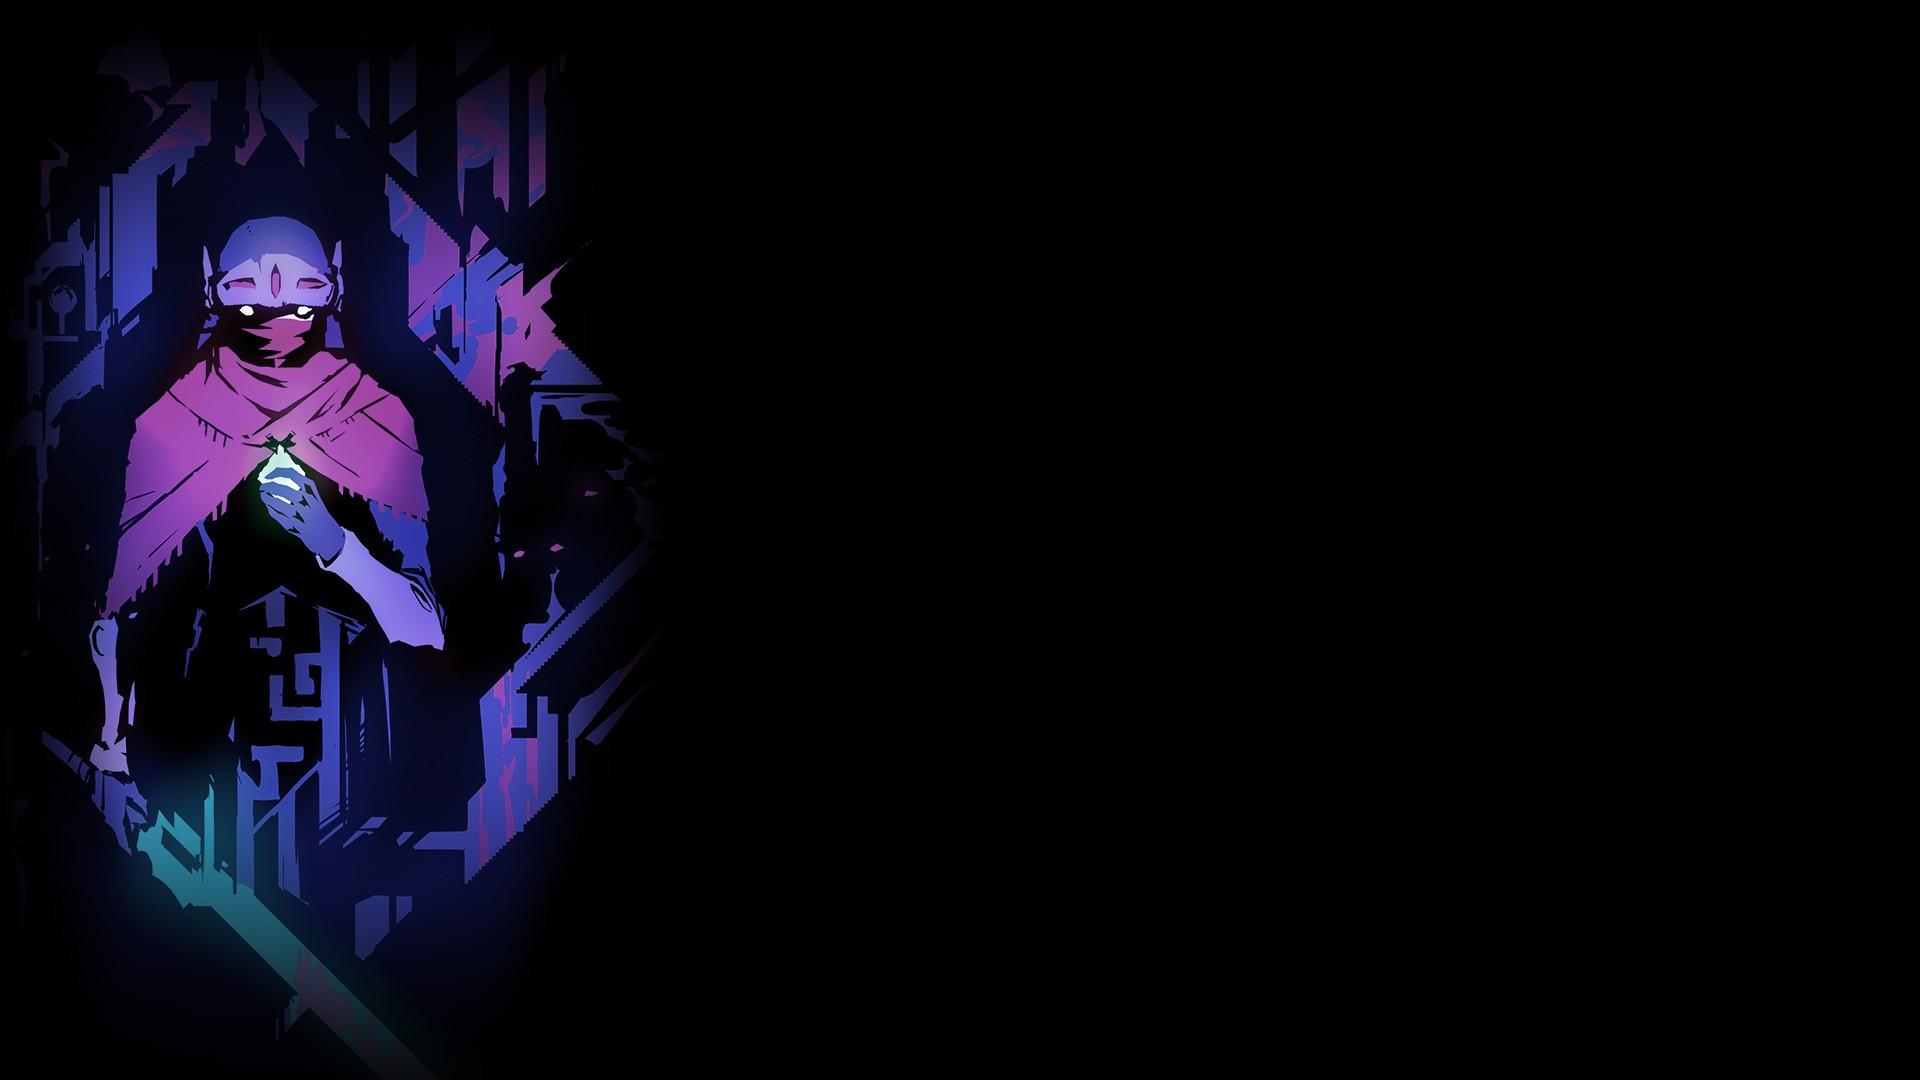 Purple Iphone Wallpaper Hyper Light Drifter Wallpaper 1920x1080 183 ① Download Free